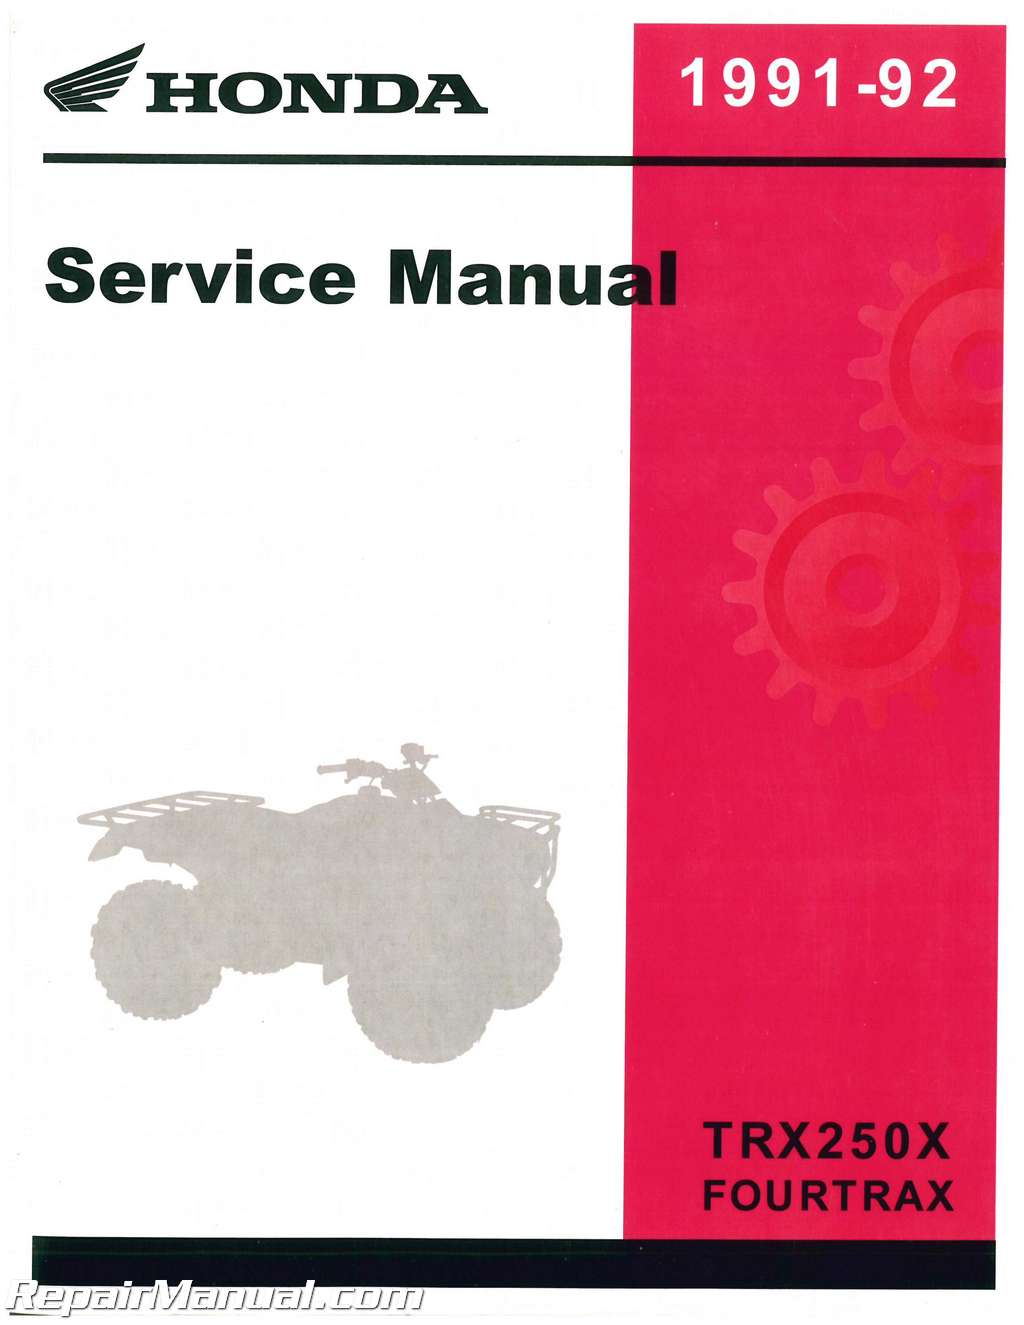 1991 1992 Honda TRX250X Fourtrax Service Manual